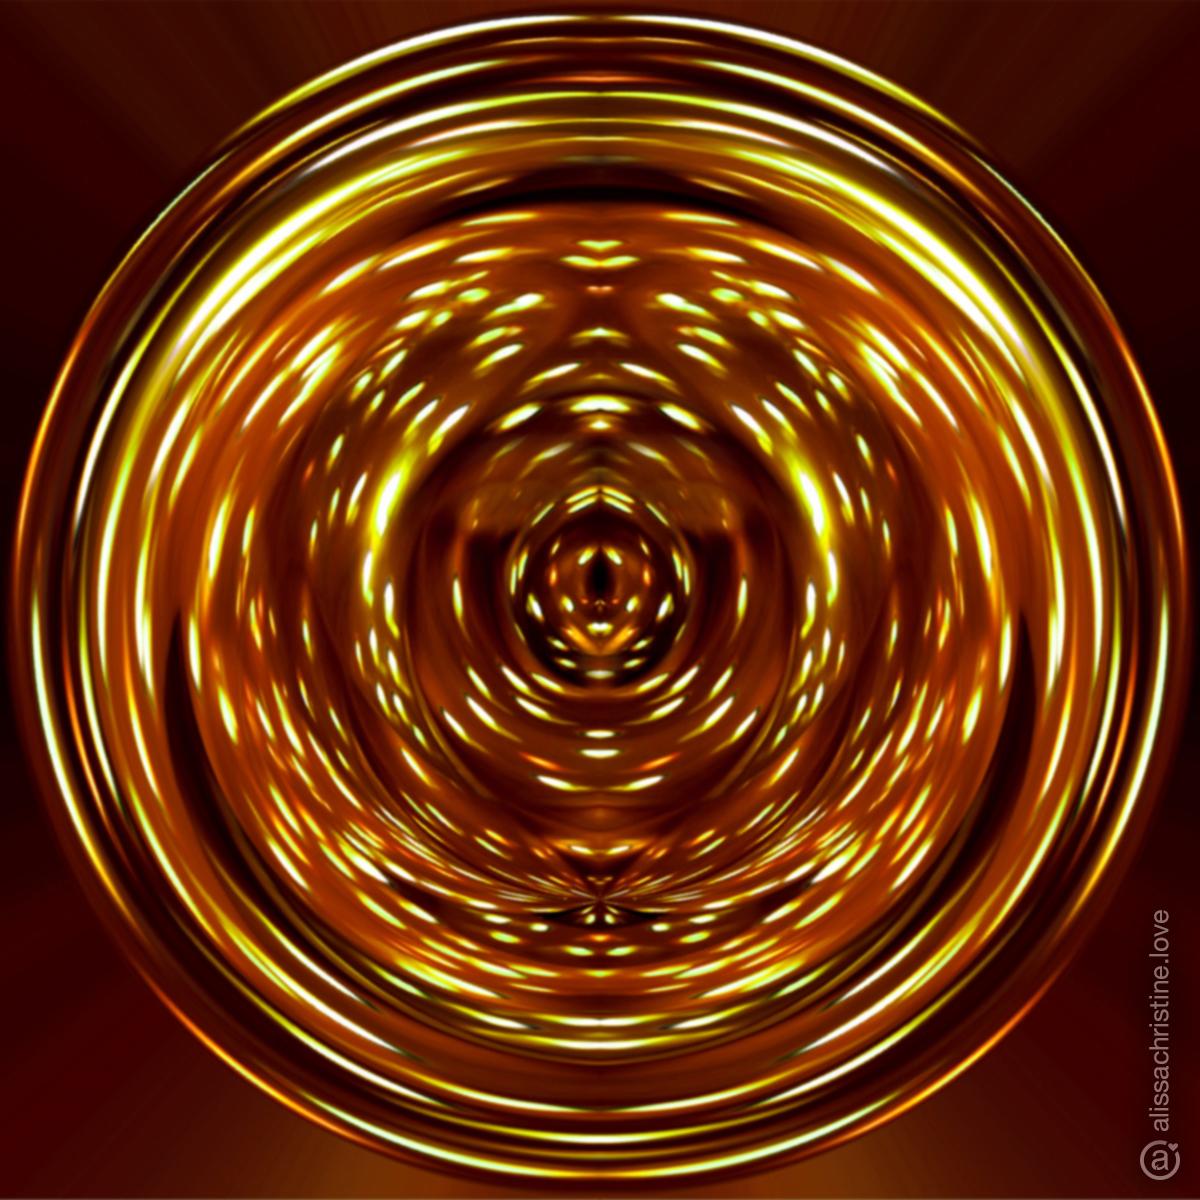 vortex-photography-alissachristine.jpg